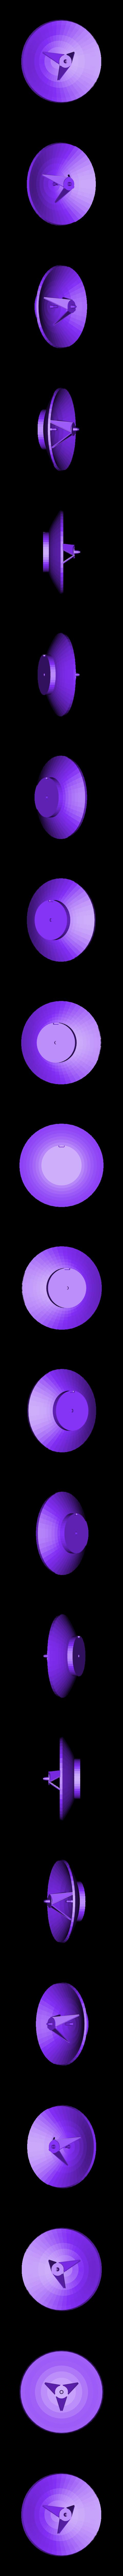 dish.stl Télécharger fichier STL gratuit Voyageur • Modèle imprimable en 3D, spac3D